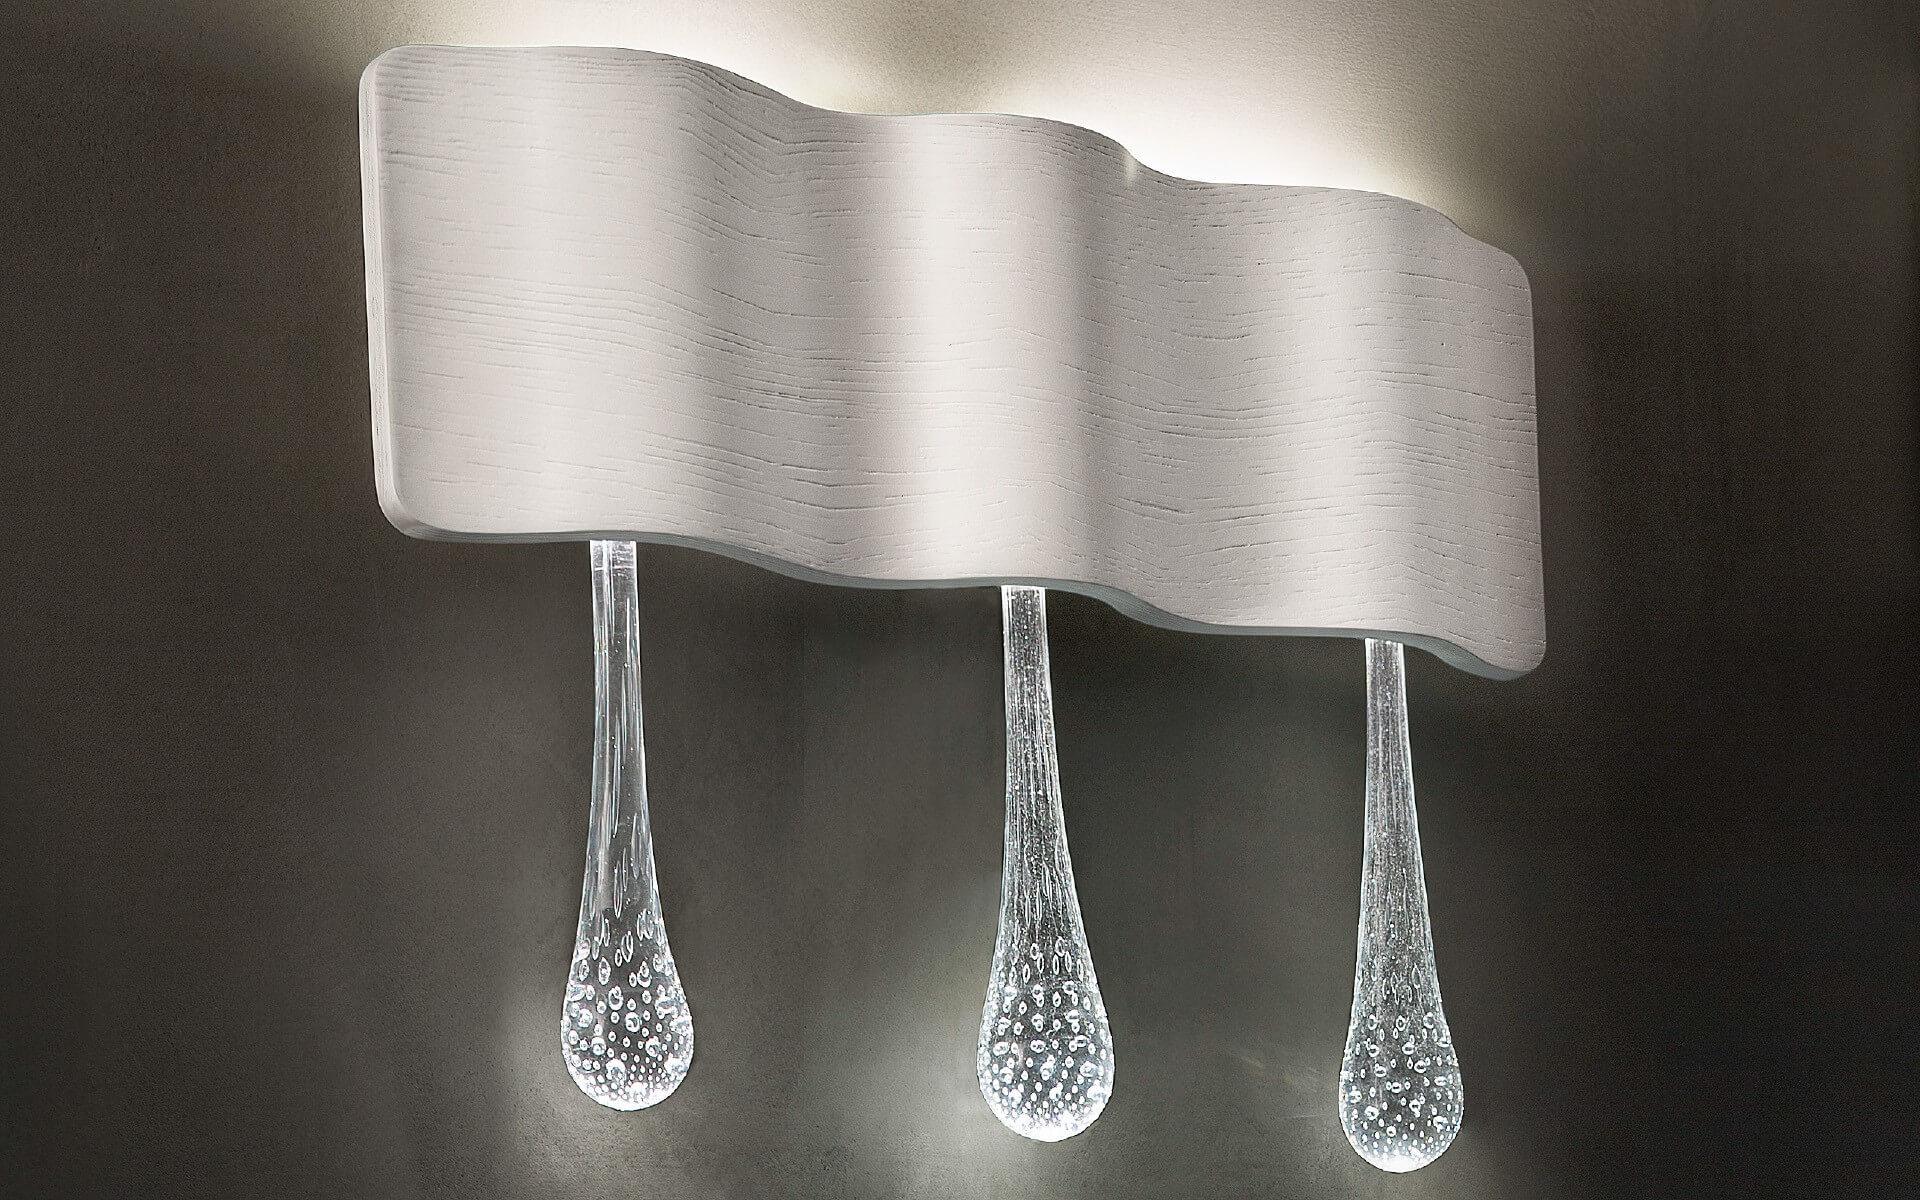 Luksusowy włoski kinkiet Masiero Ripple. Lampa nadaje się do zastowsowania w salonie i sypialni. Masiero - lampy ekskluzywne